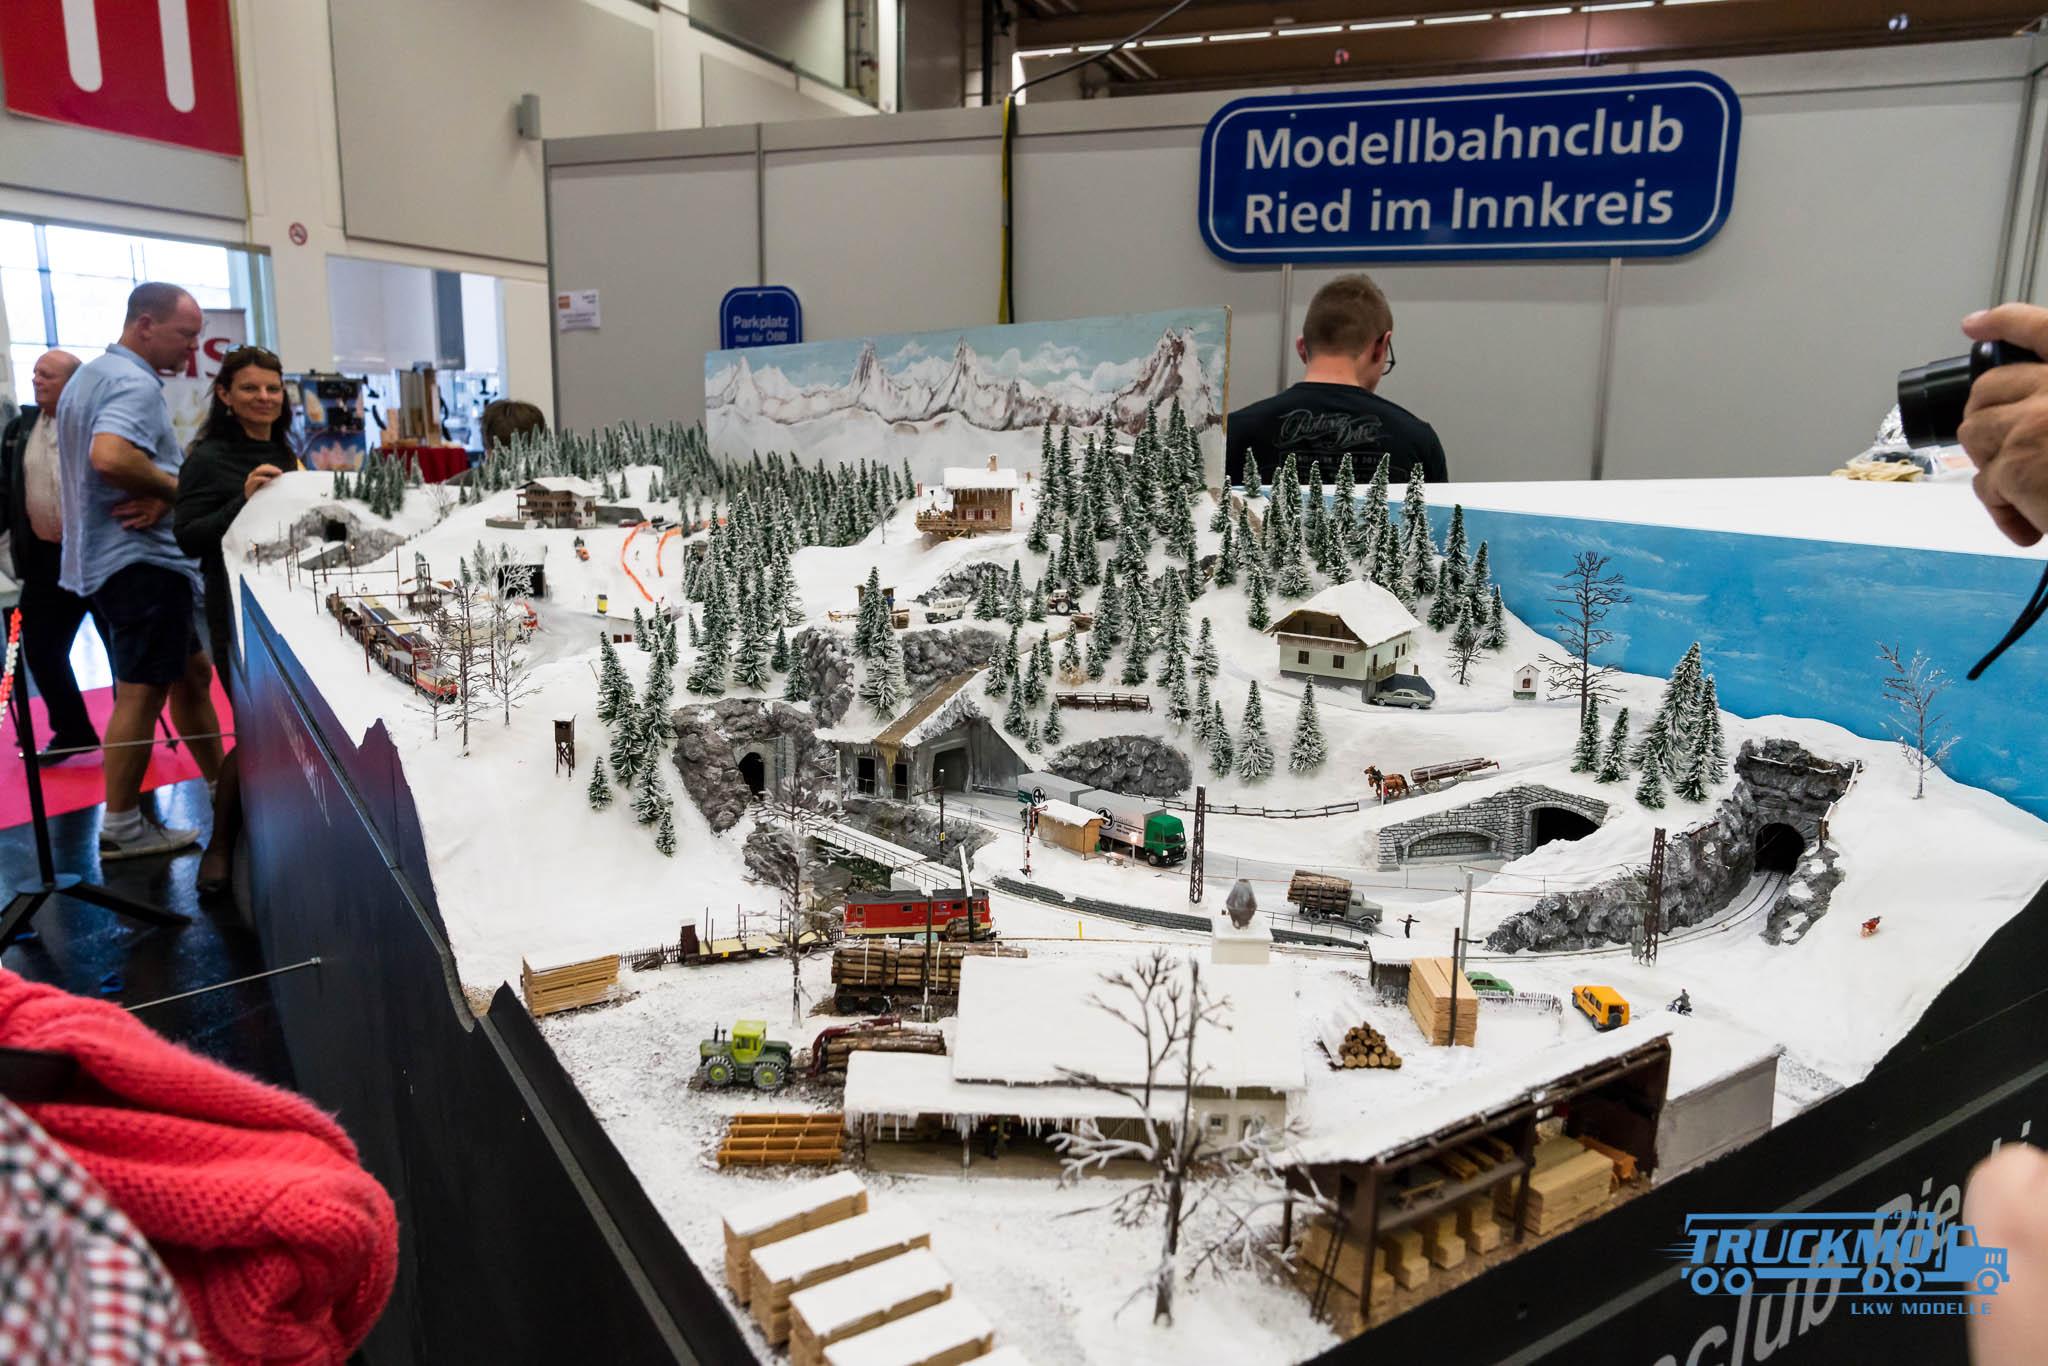 Truckmo_Modellbau_Ried_2017_Herpa_Messe_Modellbauausstellung (74 von 1177)